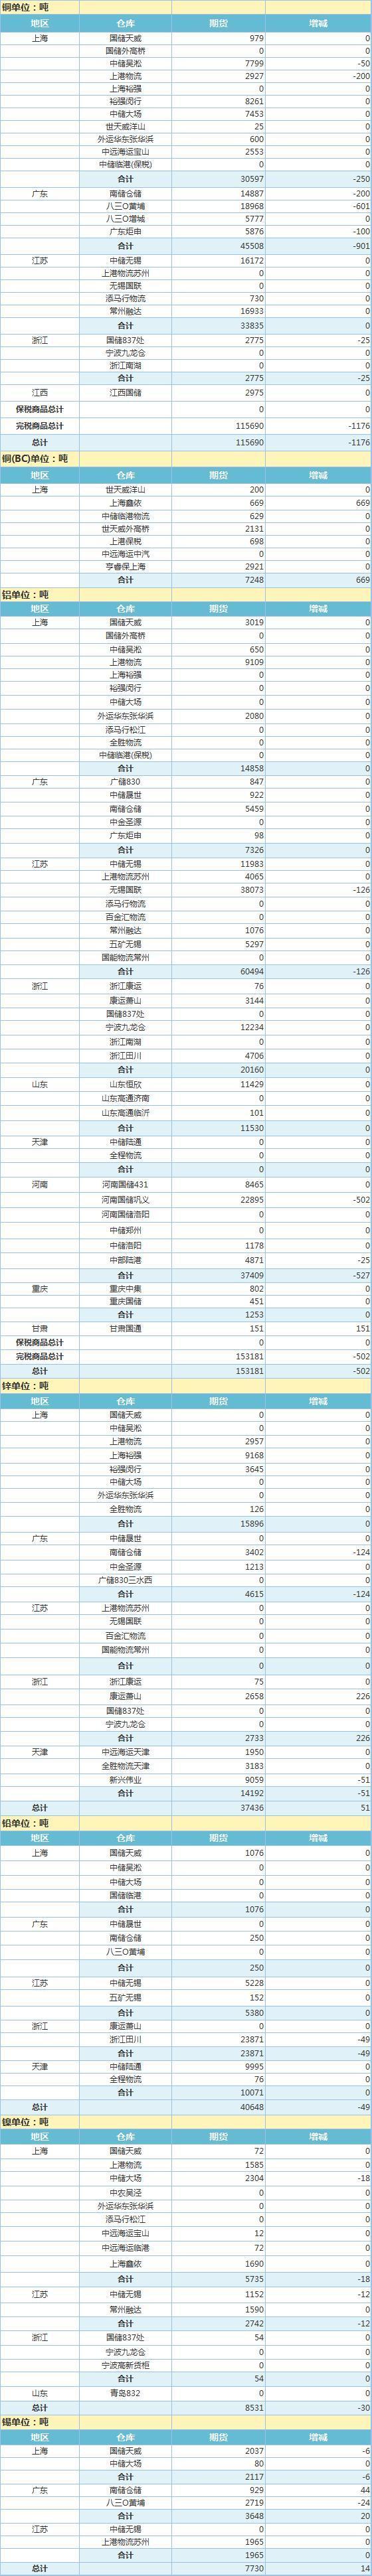 4月7日上海期货交易所金属库存日报